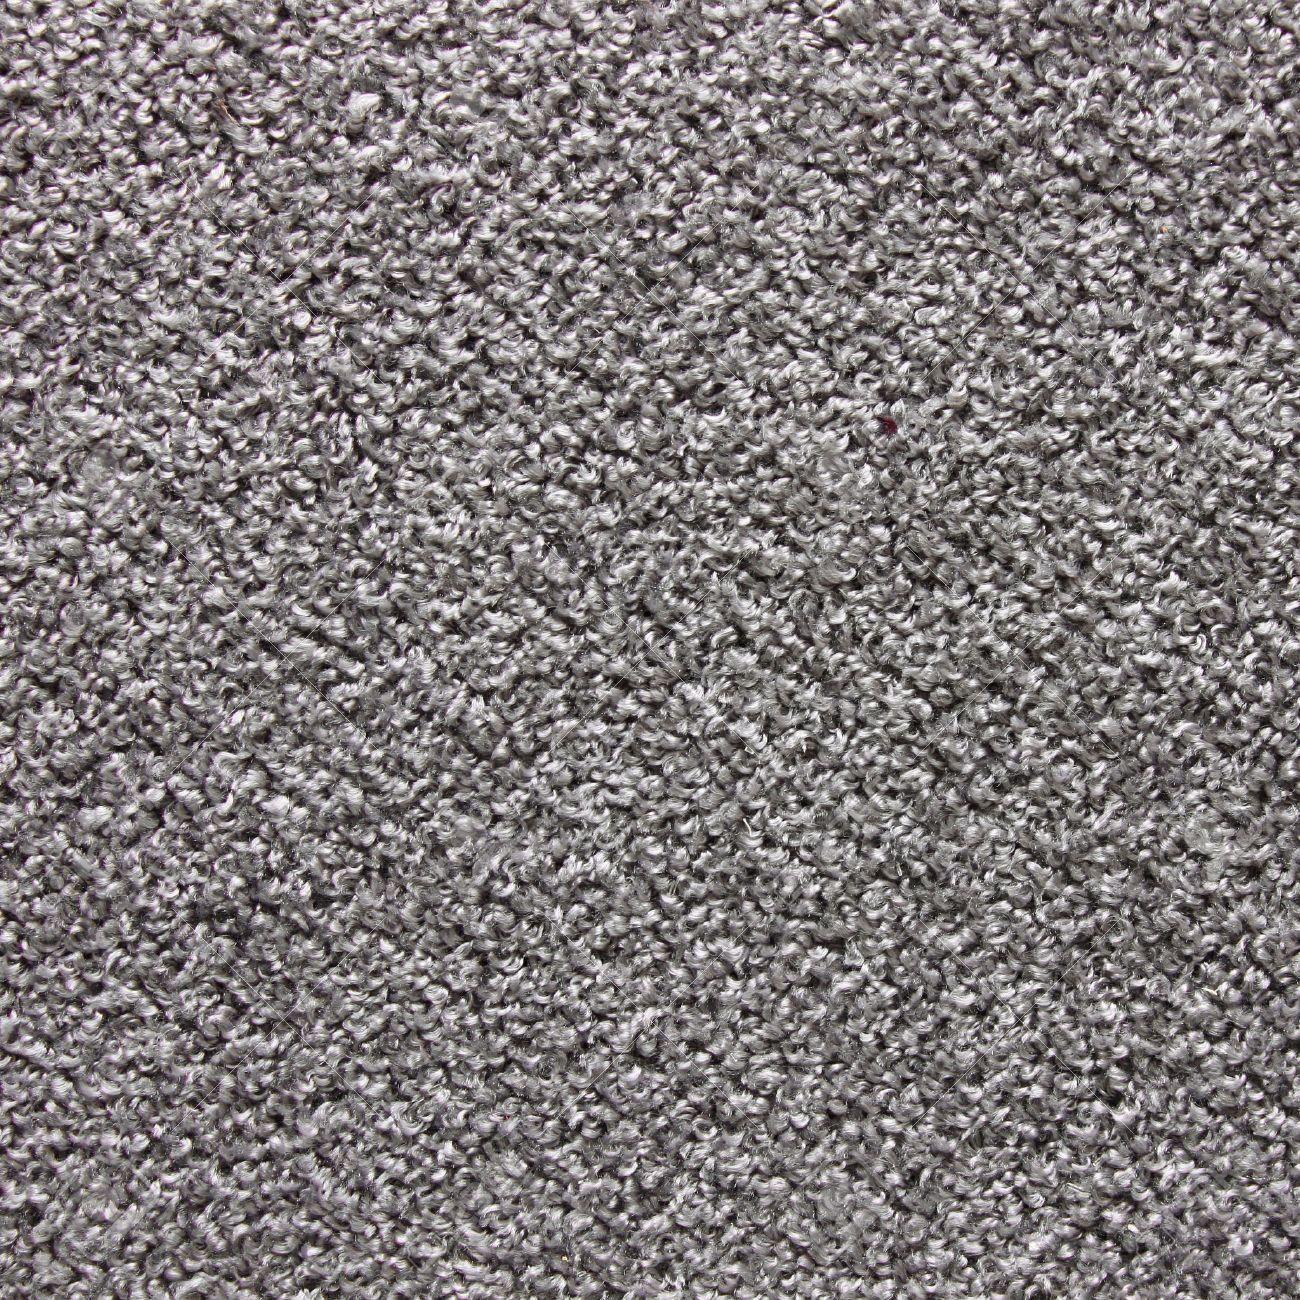 Grauer teppich  Grauer Teppich Textur Lizenzfreie Fotos, Bilder Und Stock ...